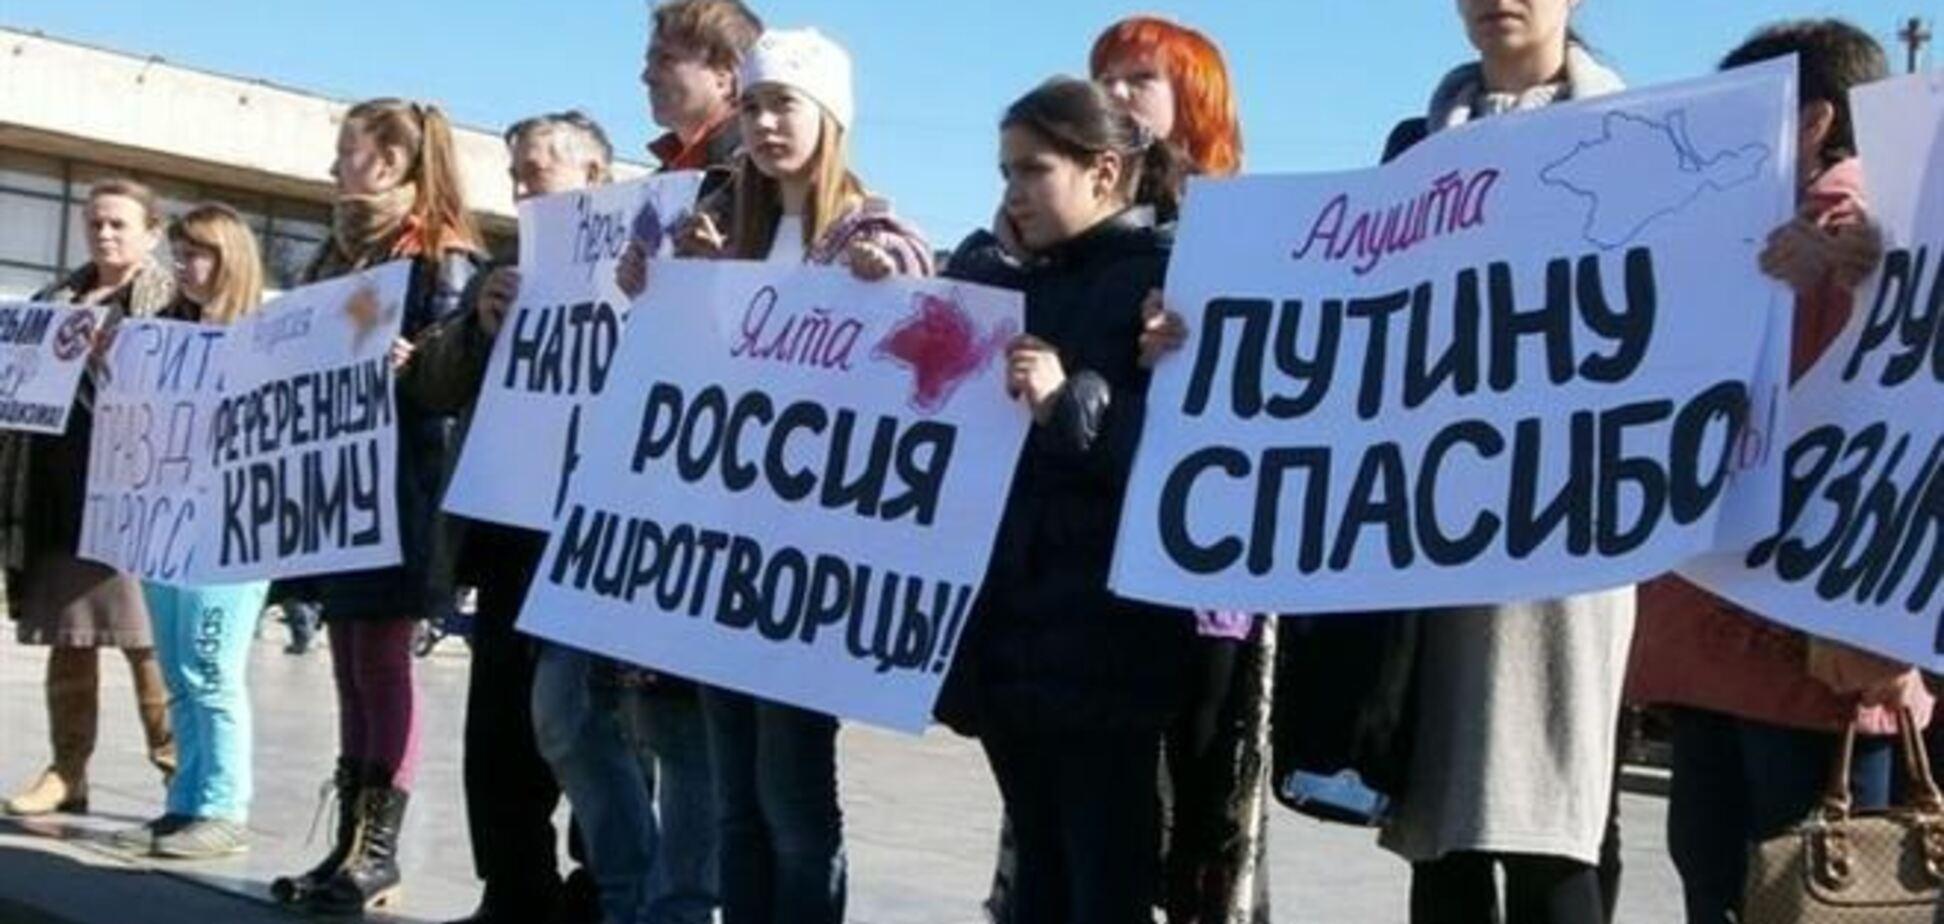 В аннексии Крыма россияне, прежде всего, видят интерес РФ, а не Крыма - опрос